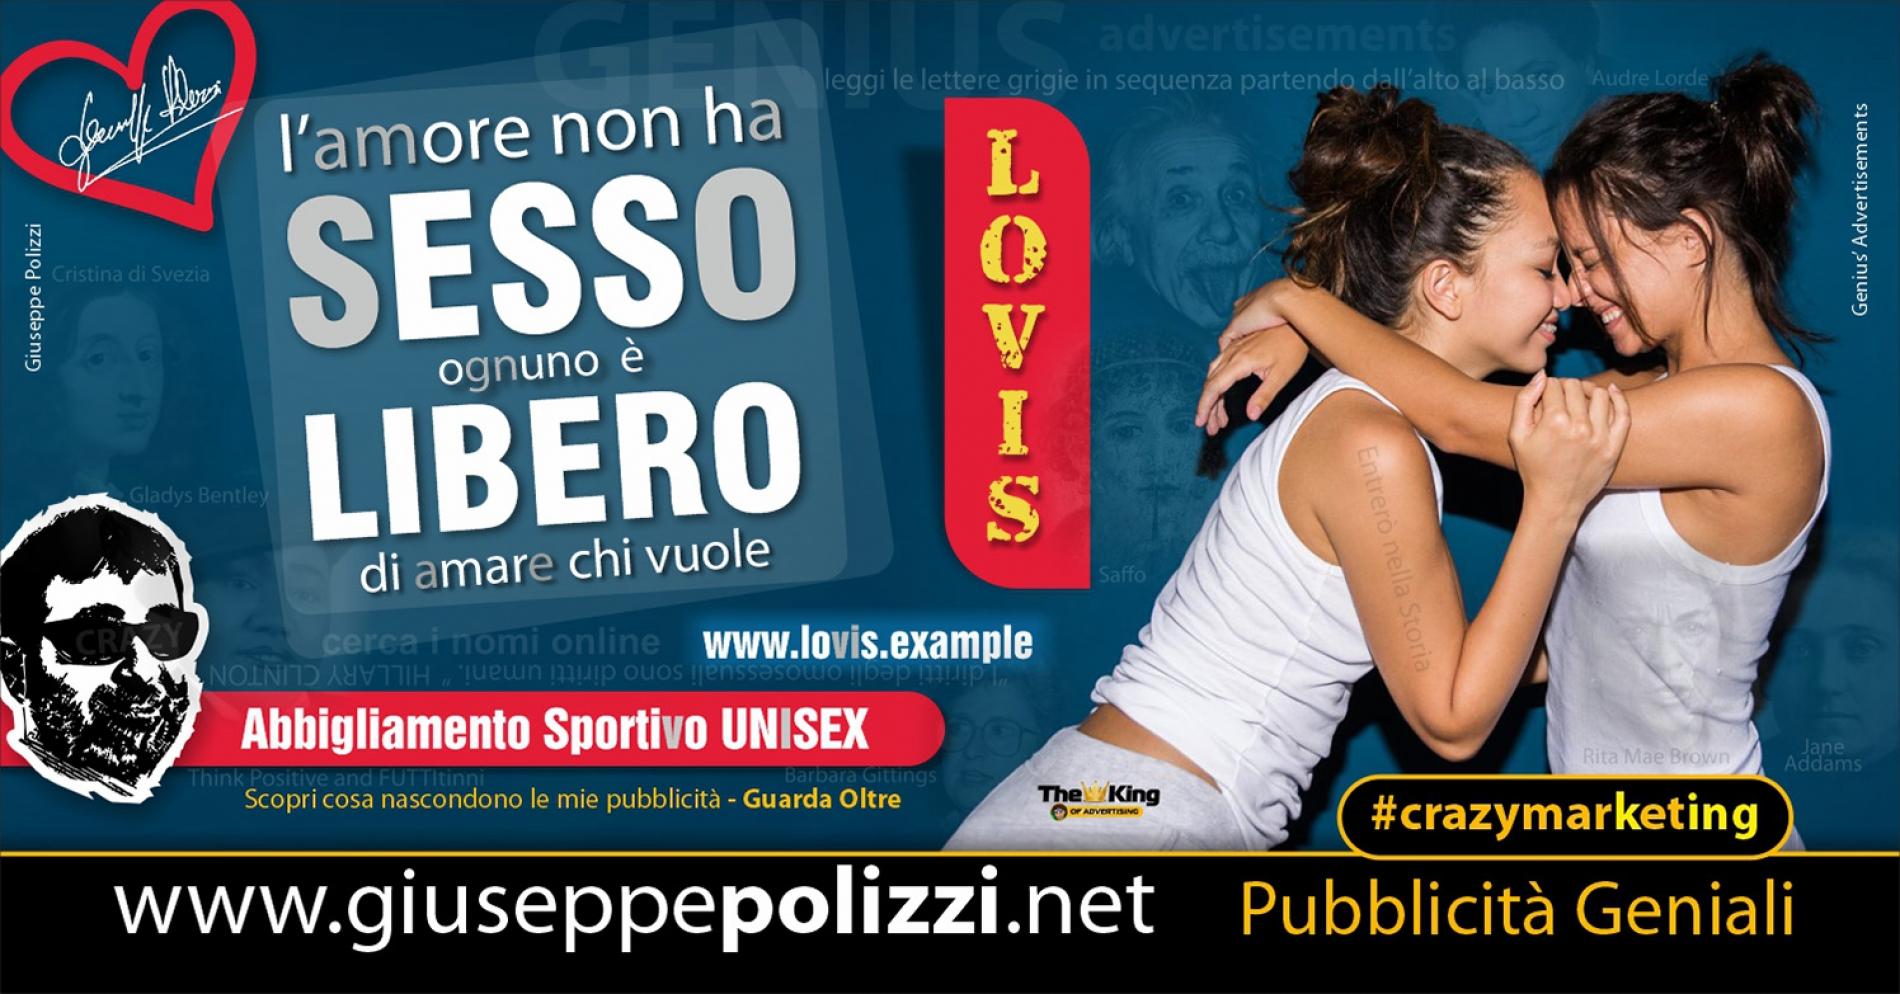 Giuseppe Polizzi crazymarketing SESSO LIBERO pubblicità geniali